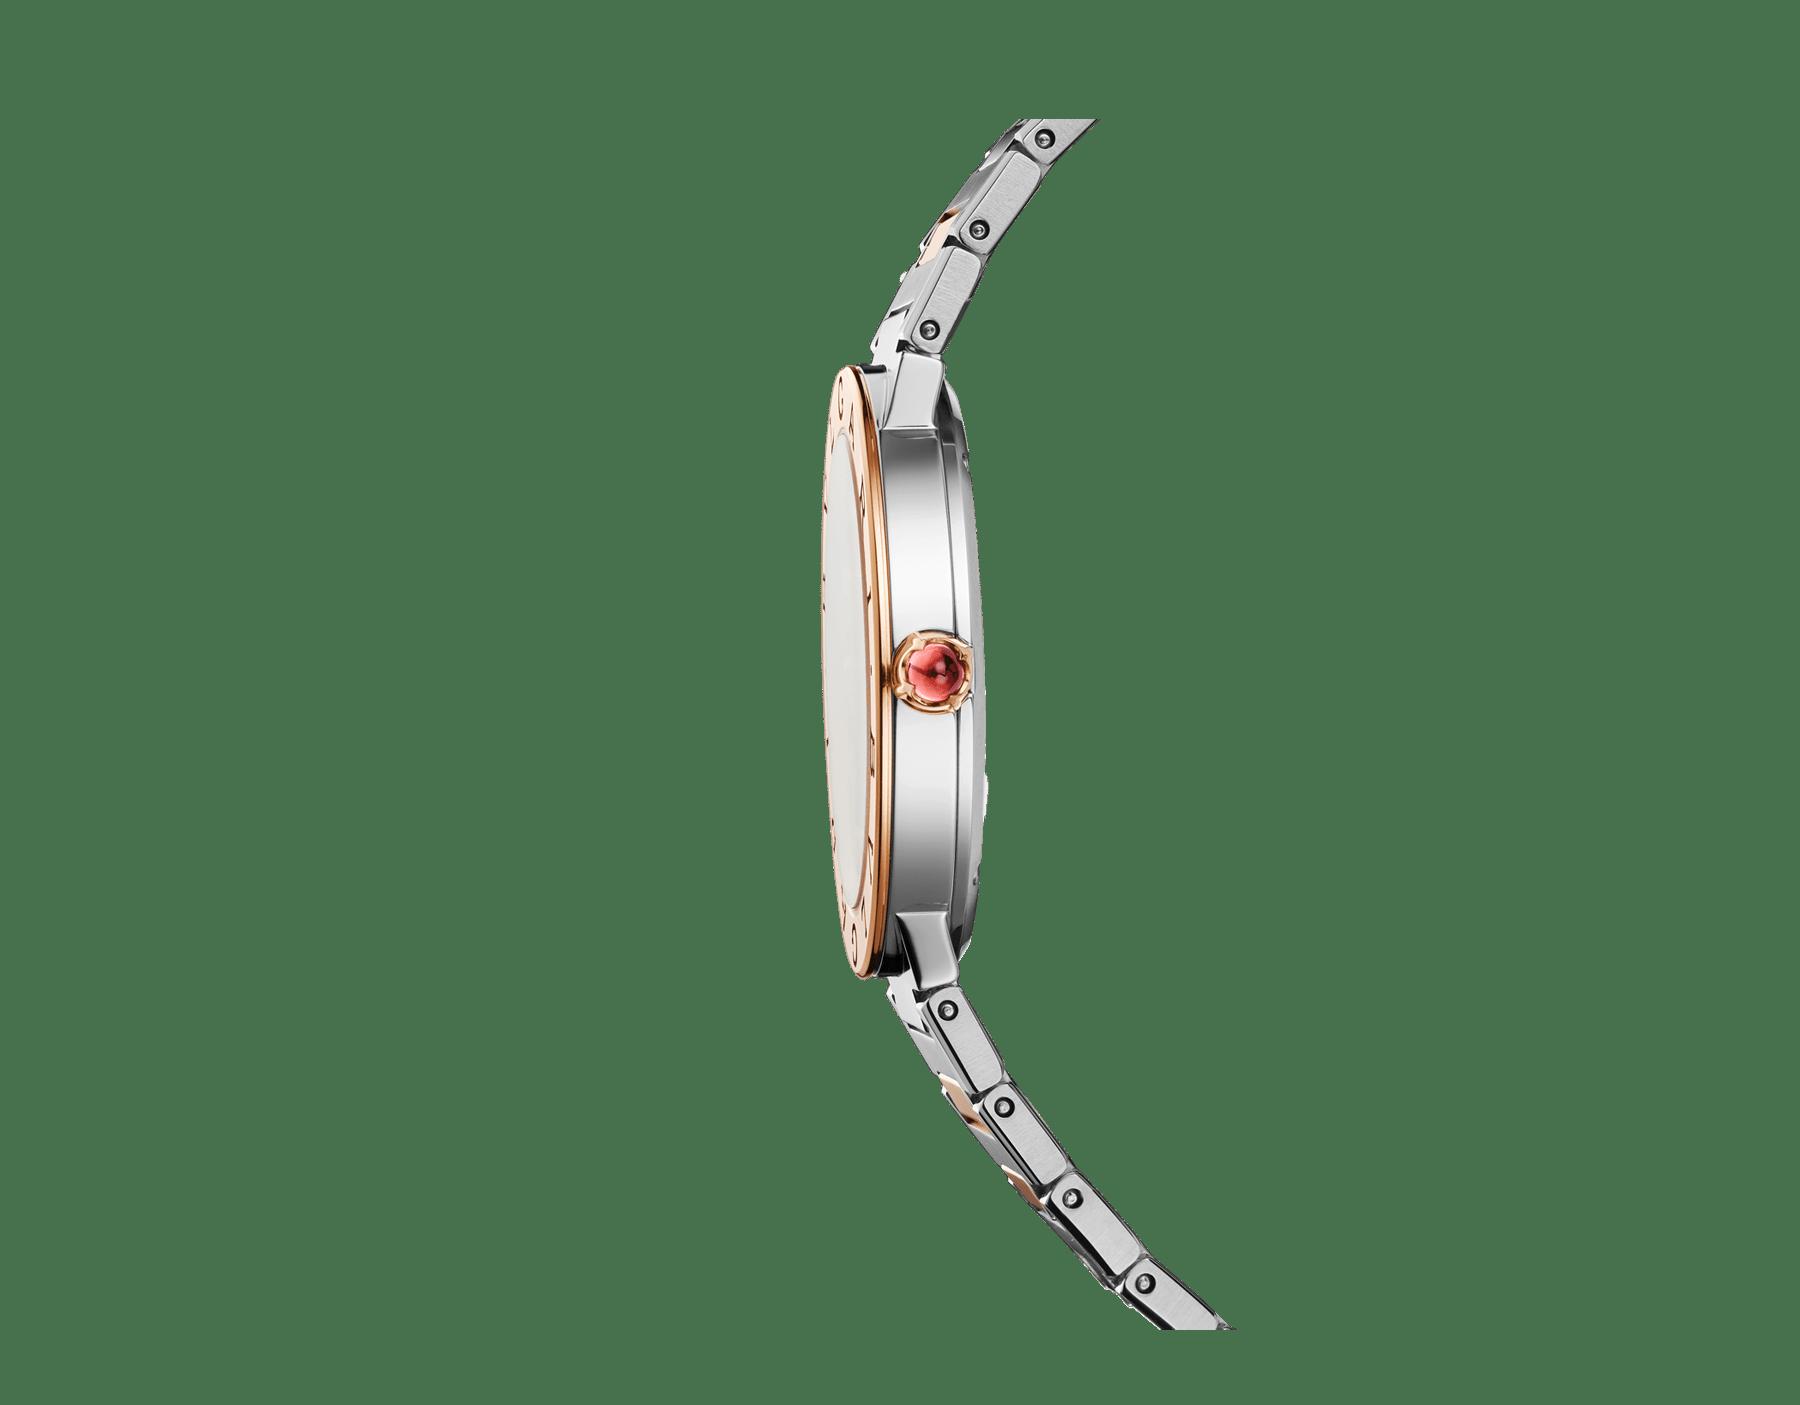 Reloj BVLGARI BVLGARI LADY con caja en acero inoxidable, bisel en oro rosa de 18qt grabado con el doble logotipo, esfera de madreperla blanca y brazalete en oro rosa de 18qt y acero inoxidable 102925 image 2